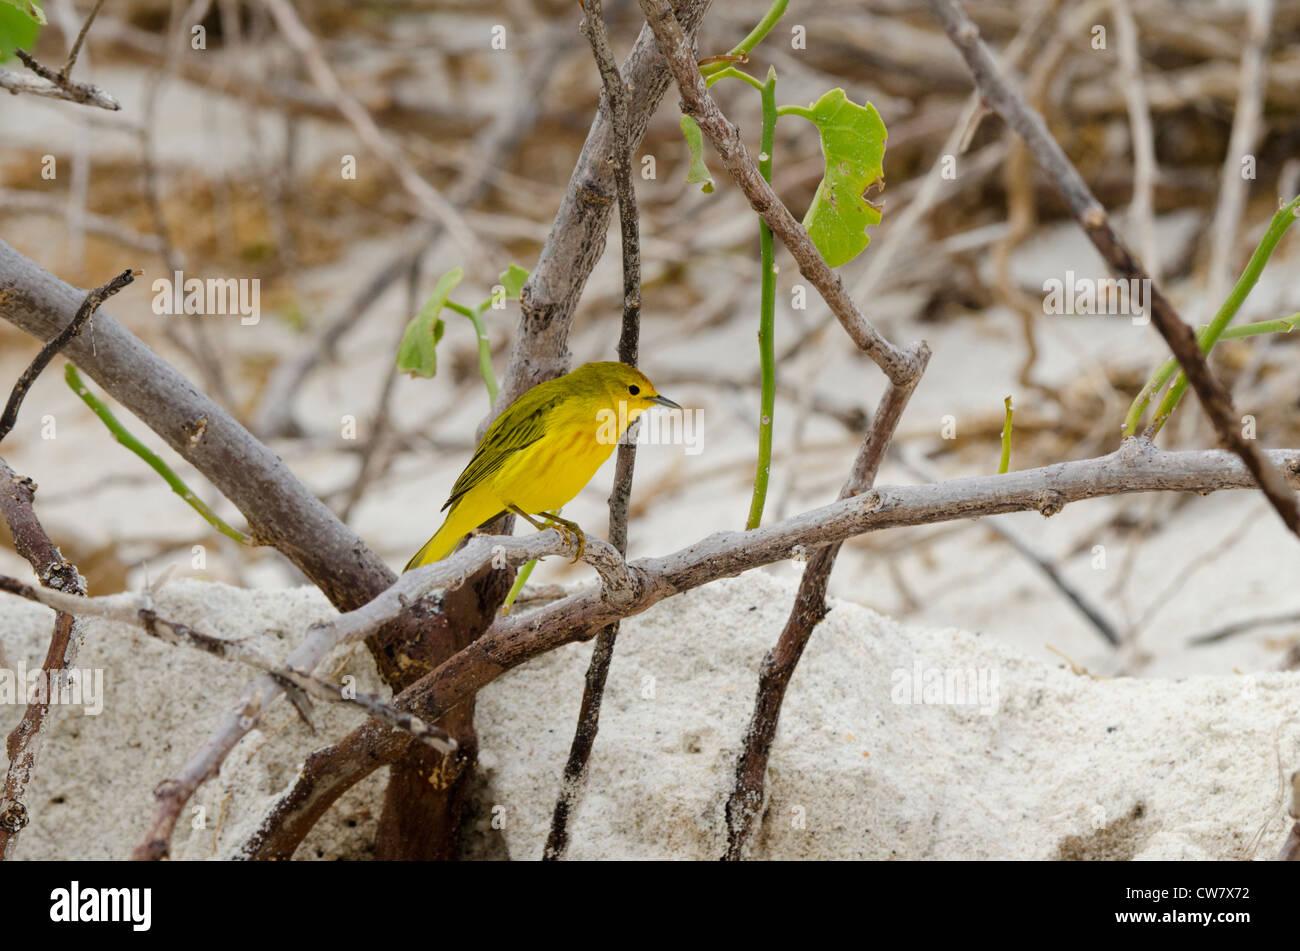 Ecuador, Galapagos, Espanola Insel (aka Haube), Gardner Bay. Schnäpperrohrsänger (endemisch/Wild - Dendroica Stockbild